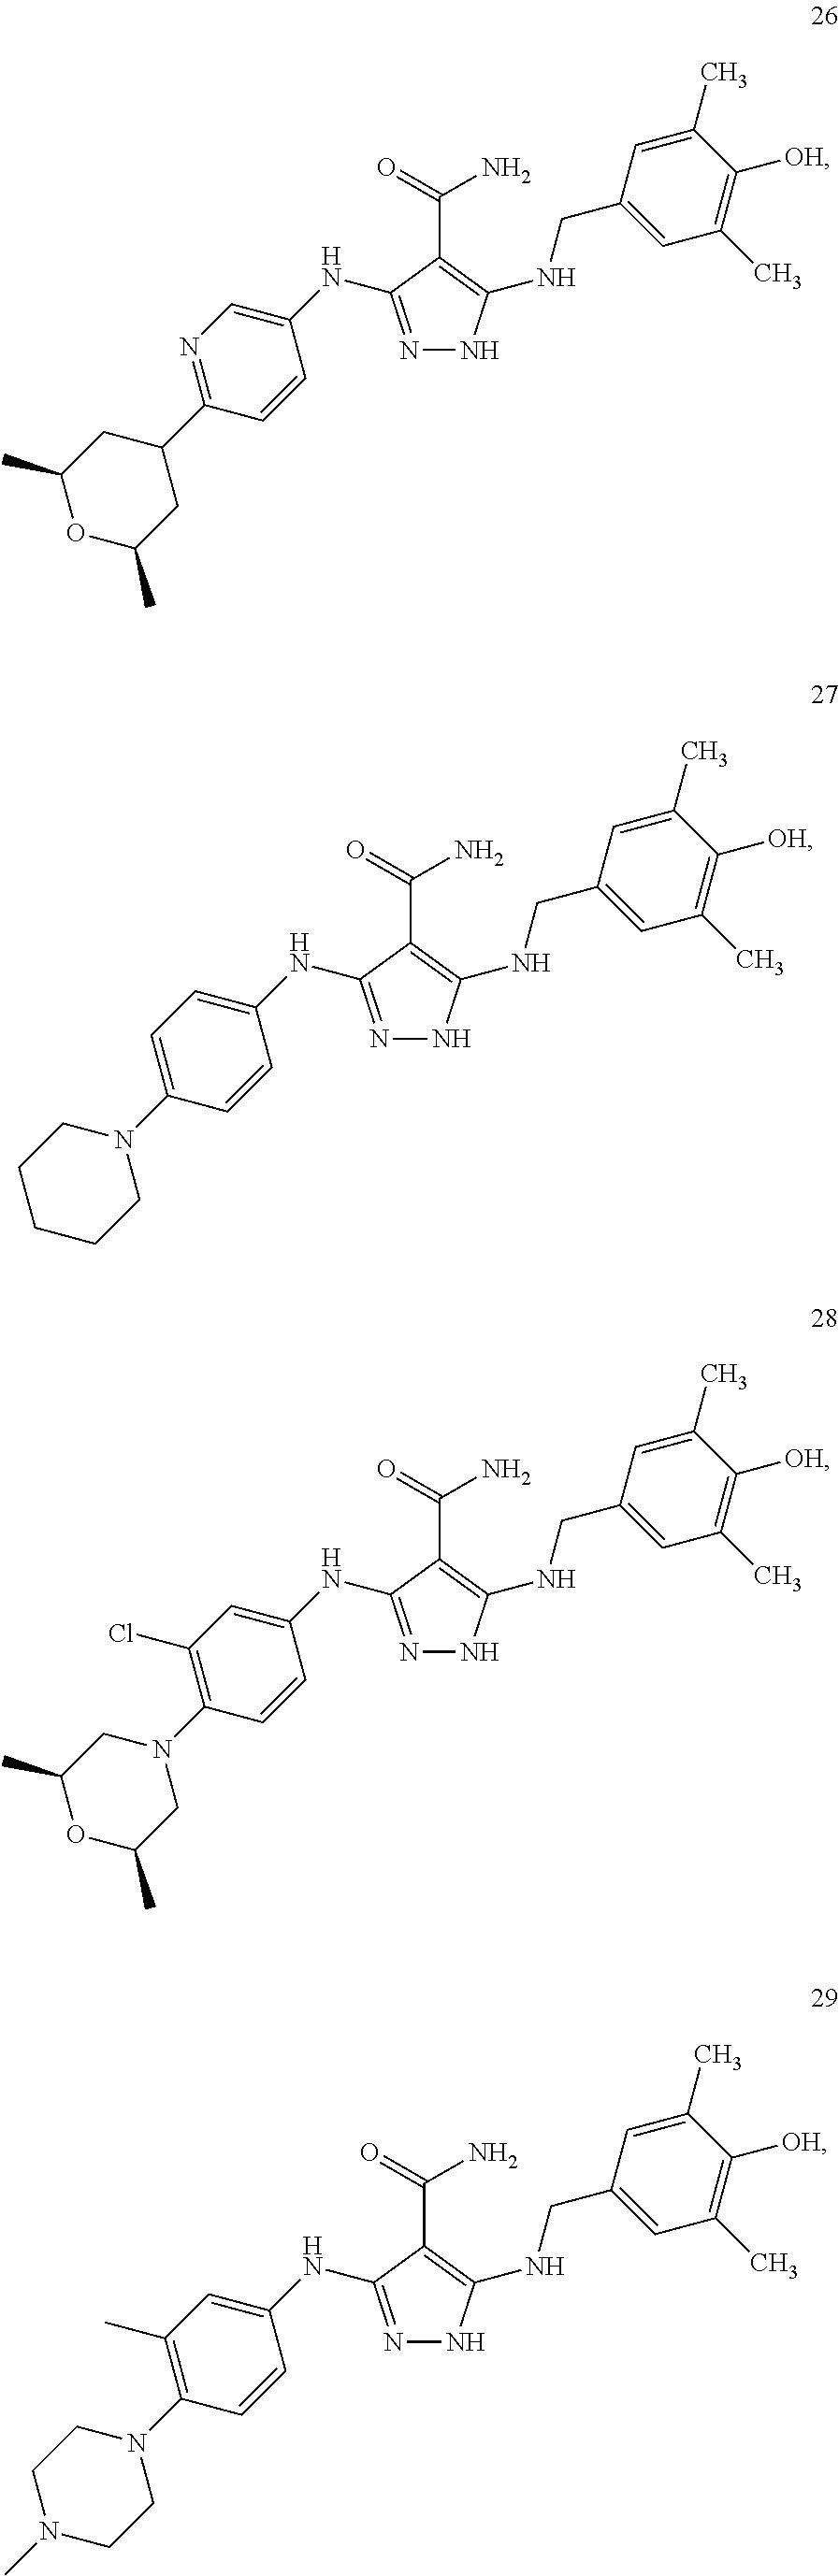 Figure US09730914-20170815-C00021